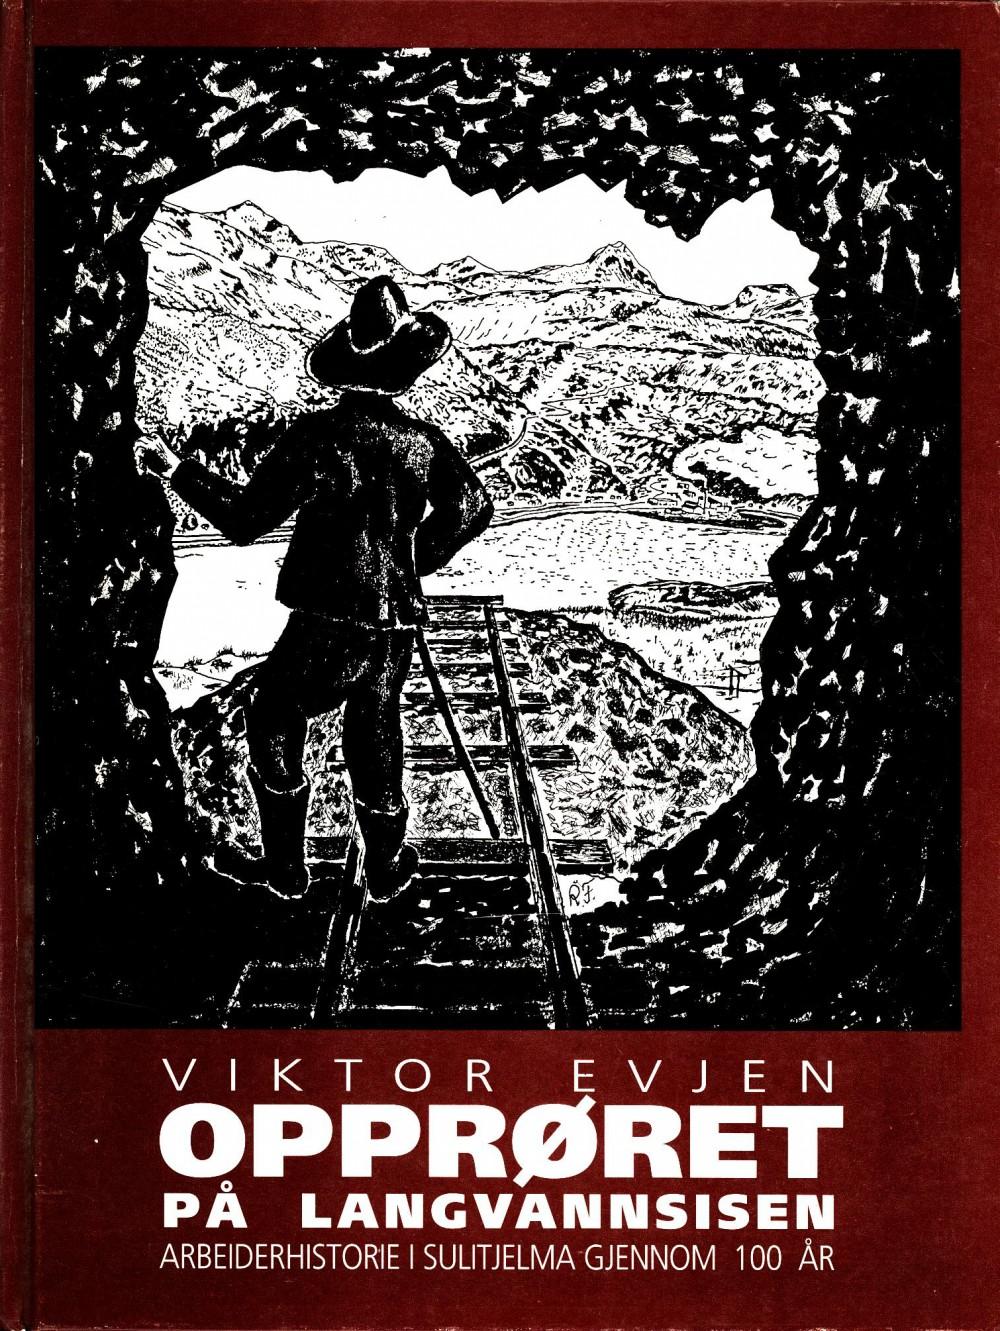 Viktor Evjen: Opprøret på Langvannsisen - Arbeiderhistorie i Sulitjelma gjennom 100 år